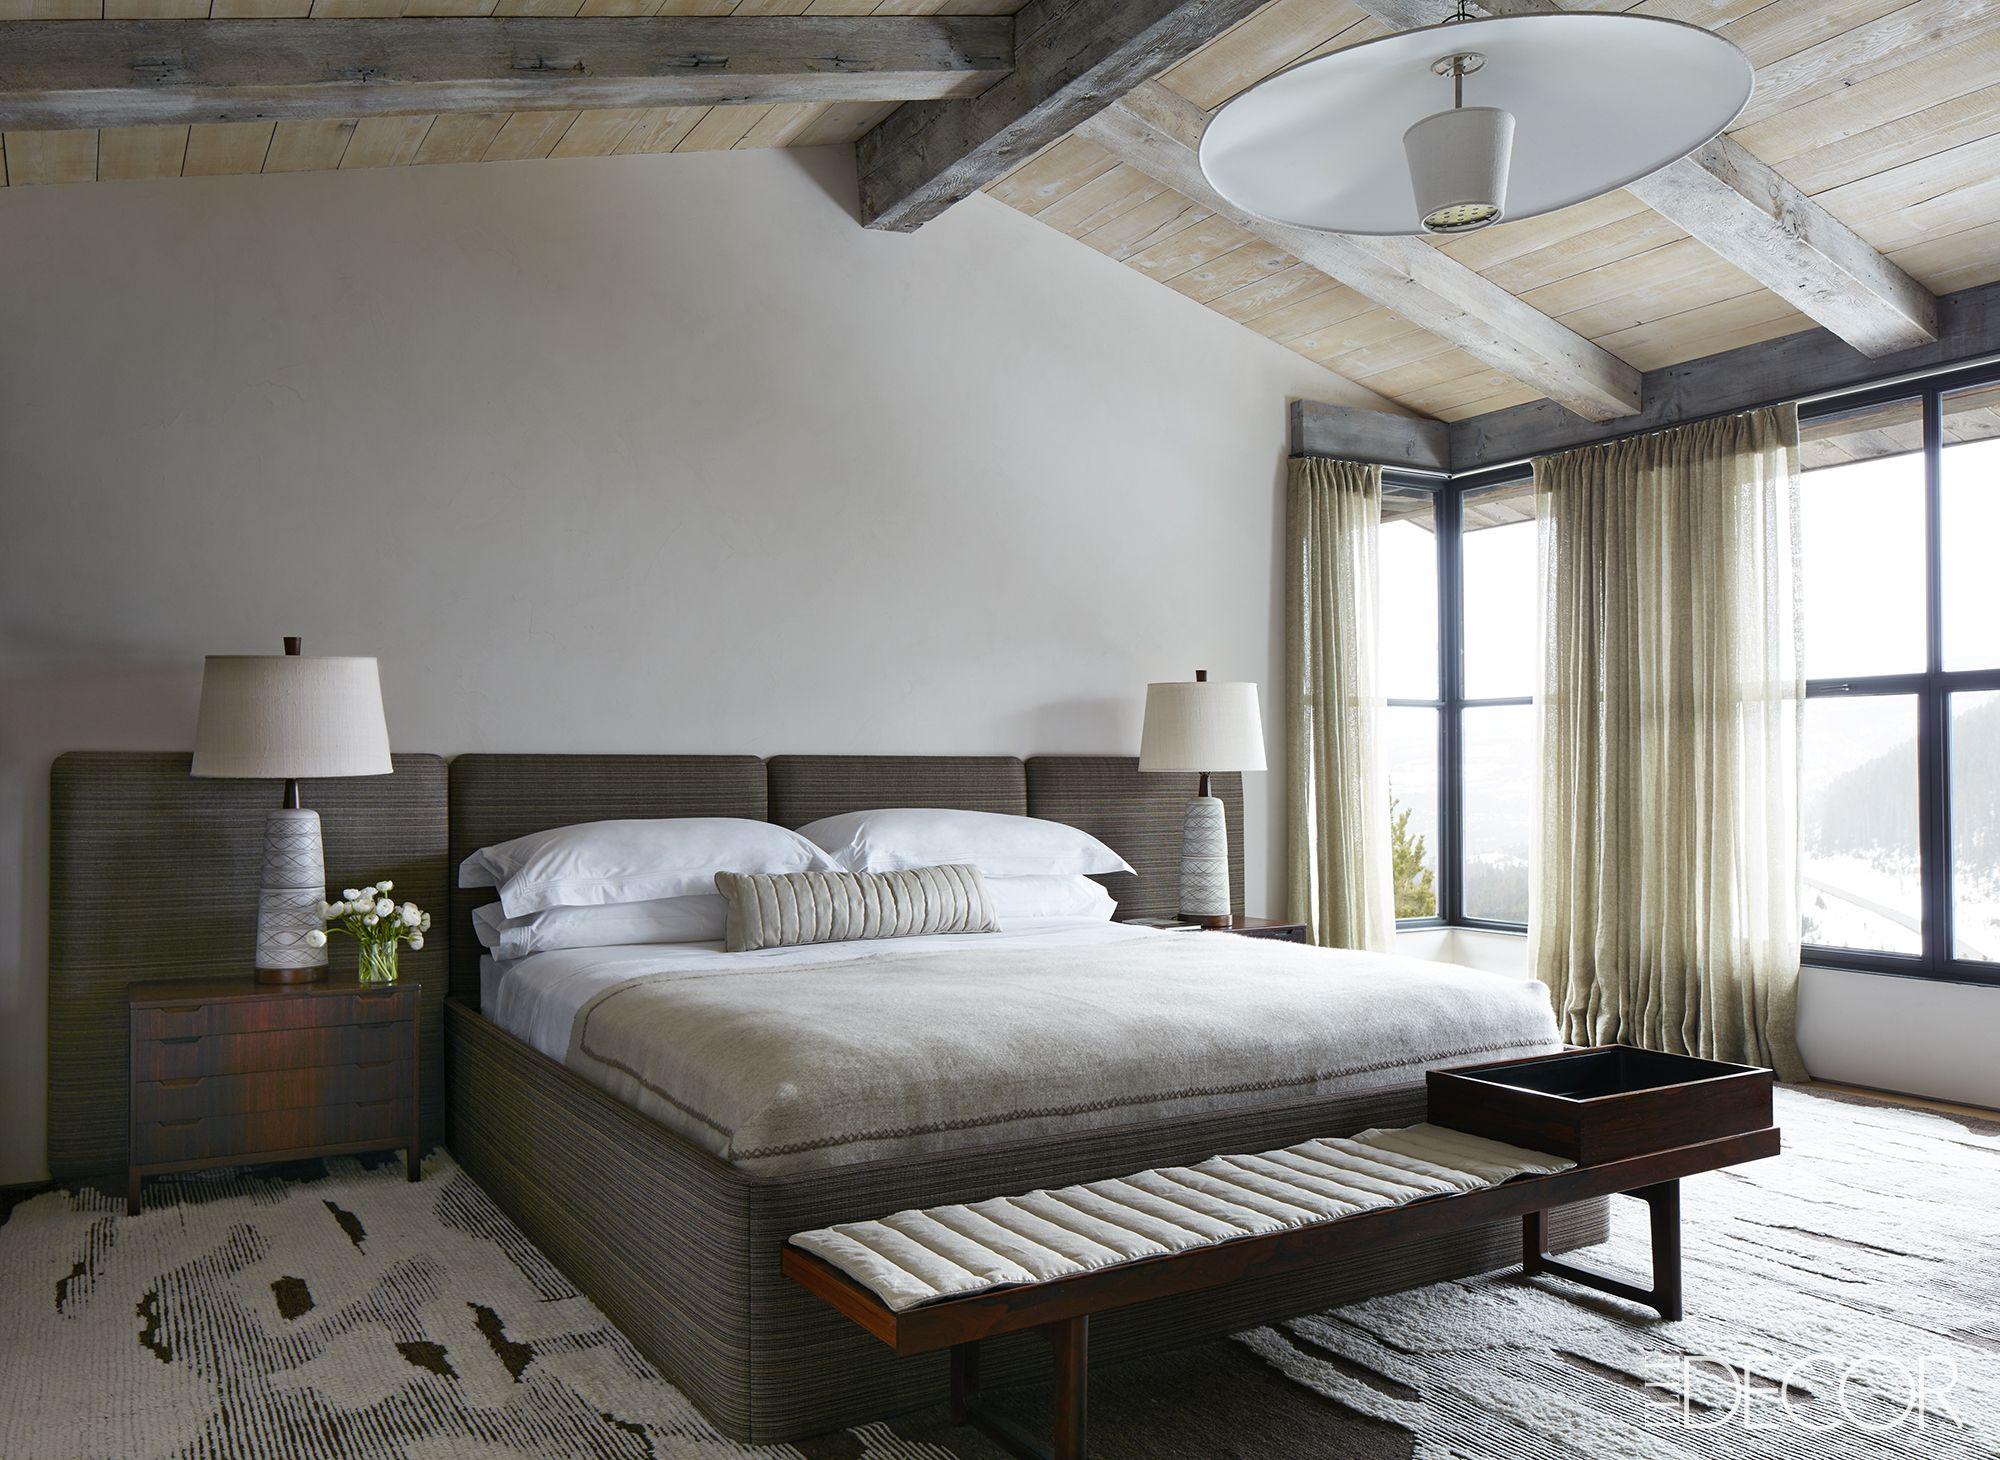 Resultado de imagem para bedroom Chalet DIESES MODERNE SKI CHALET BRINGT ENTSPANNTEN LUXUS AUF NEUE HÖHEN montana ski chalet 11 1508263092